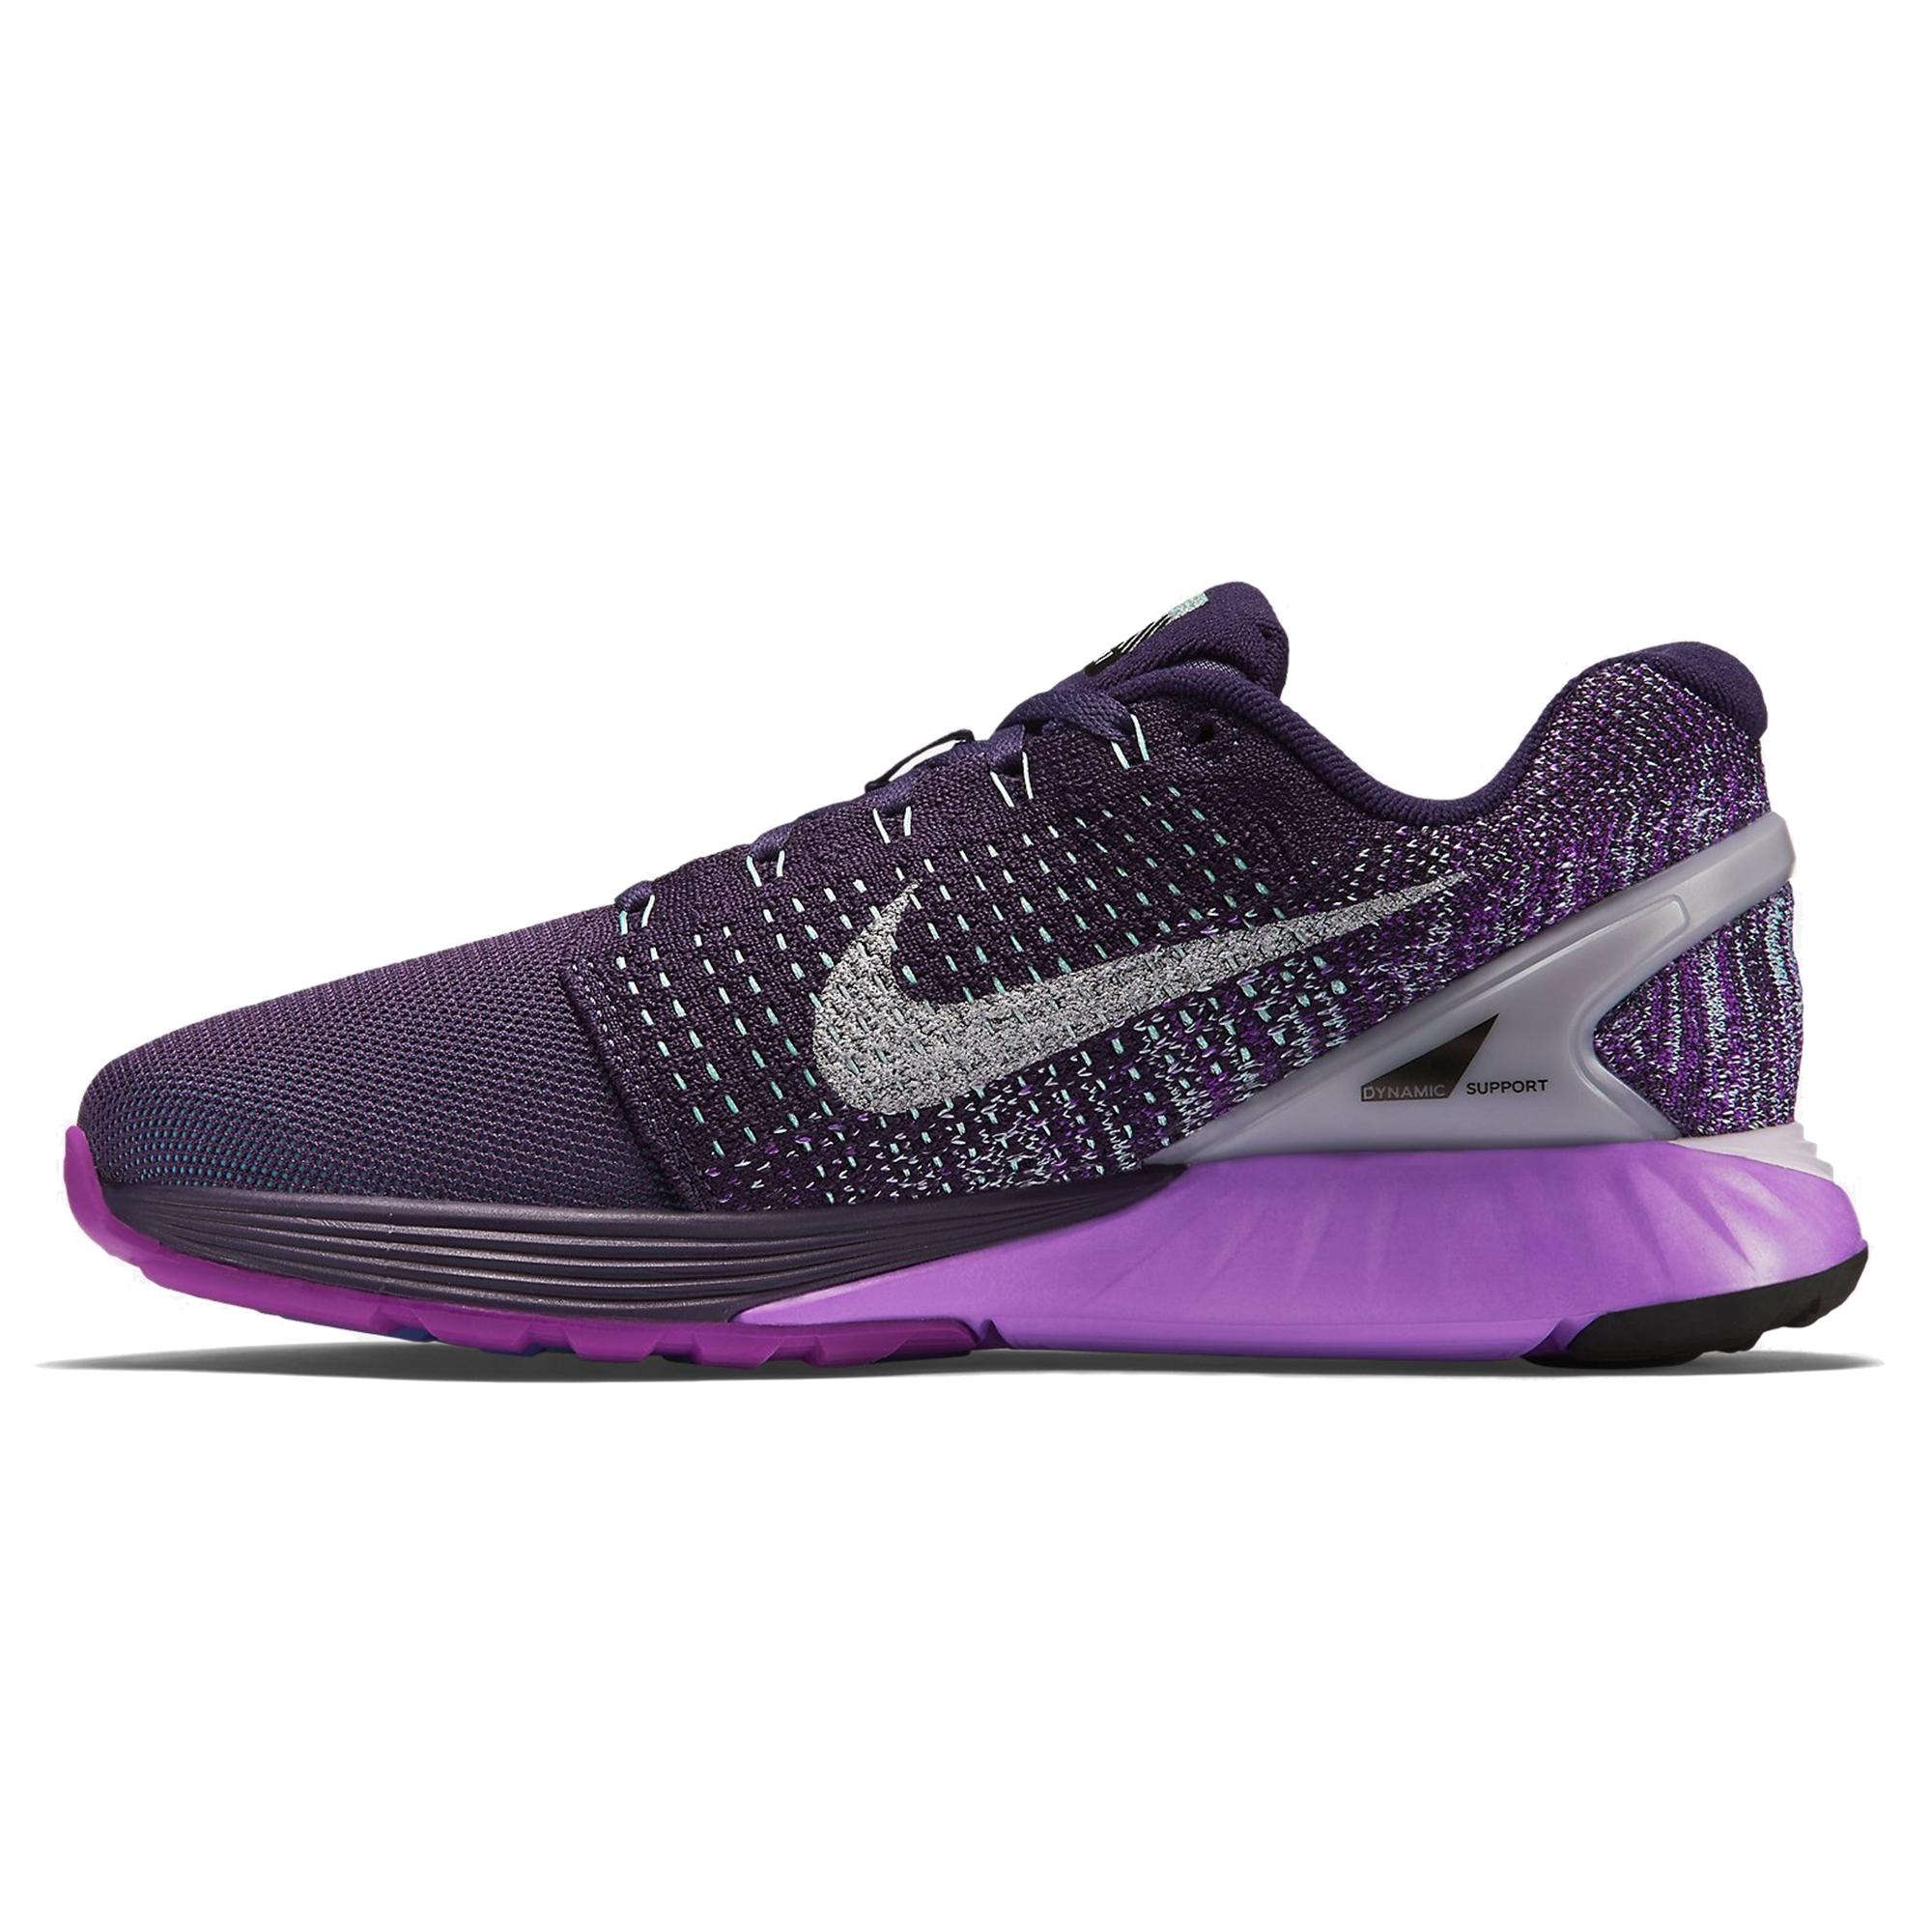 Nike Lunarglide 7 Flash Kadın Spor Ayakkabı